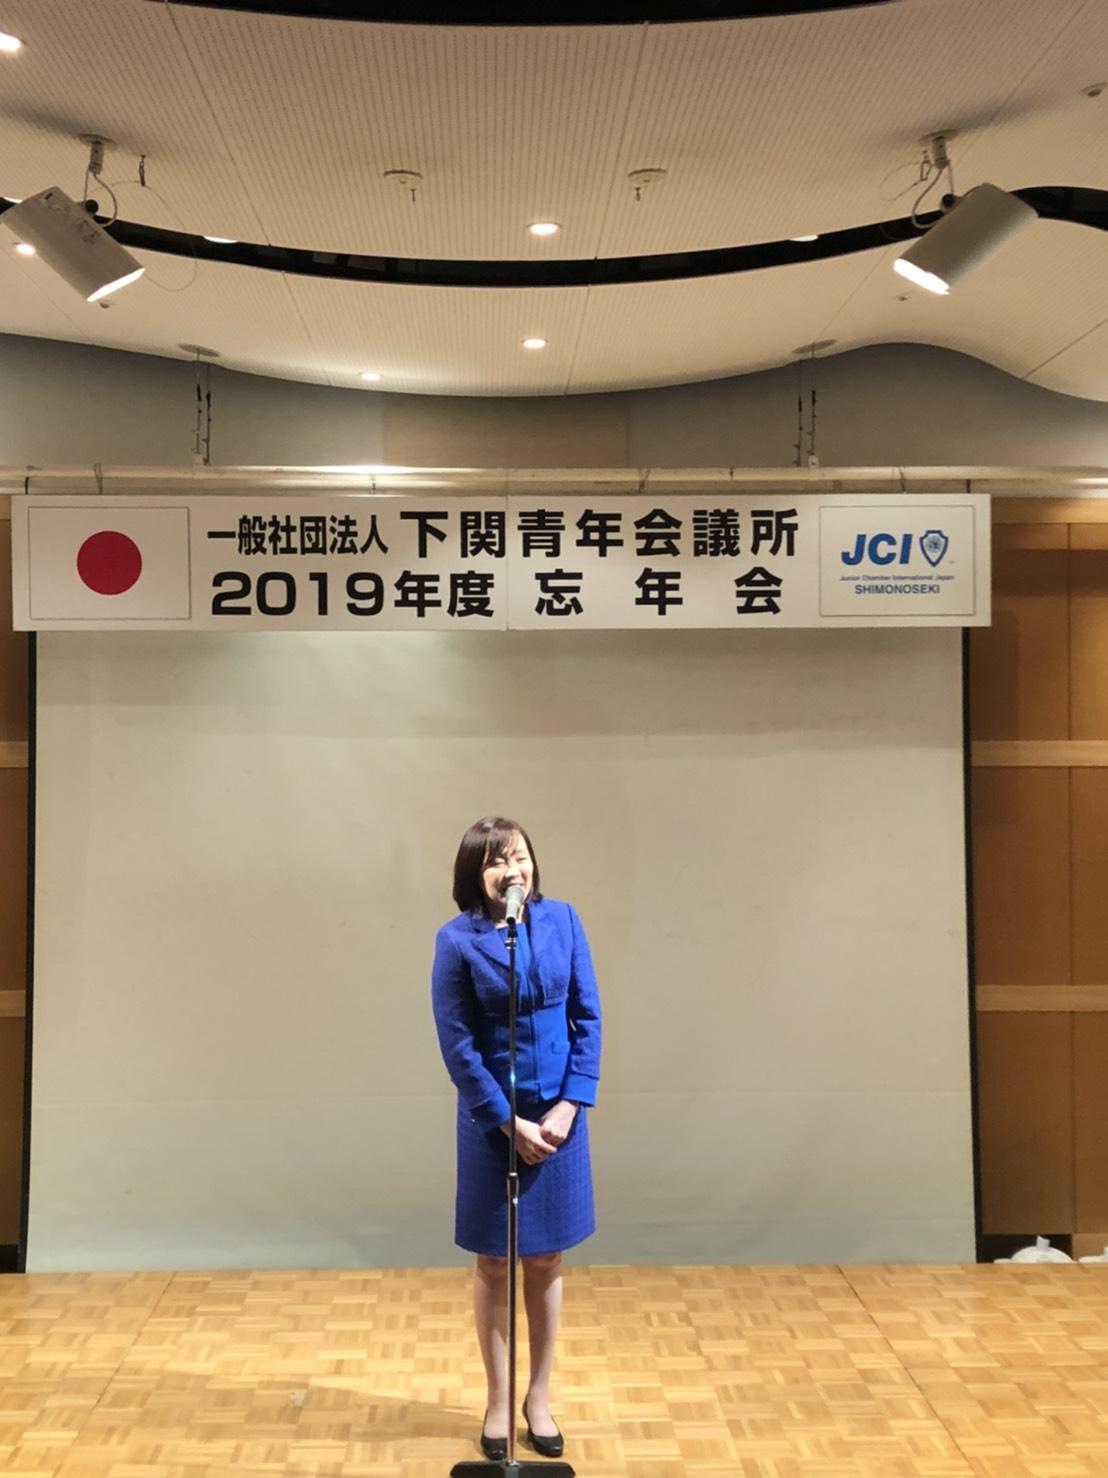 「2019年度12月度例会及び忘年会」のサムネイル画像1